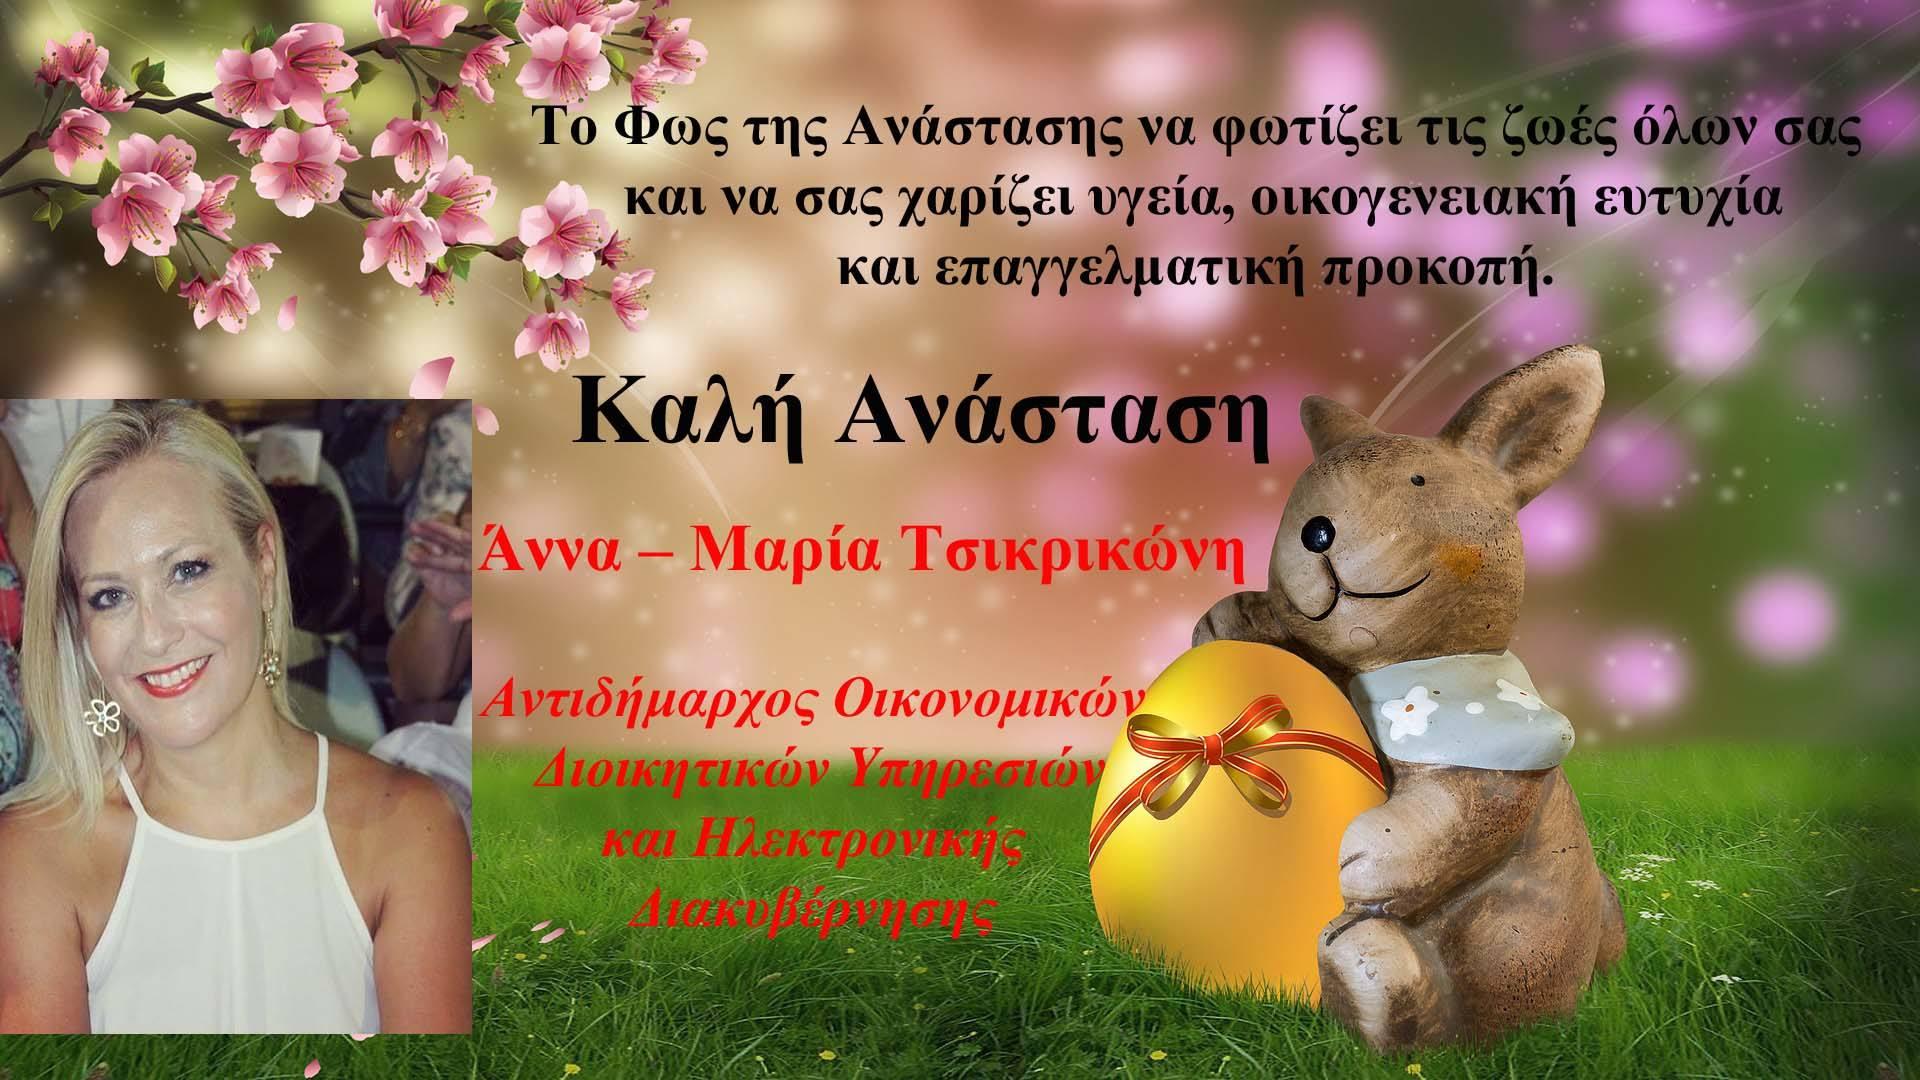 Καλό Πάσχα από την Αντιδήμαρχο Οικονομικών κ. Τσικρικώνη